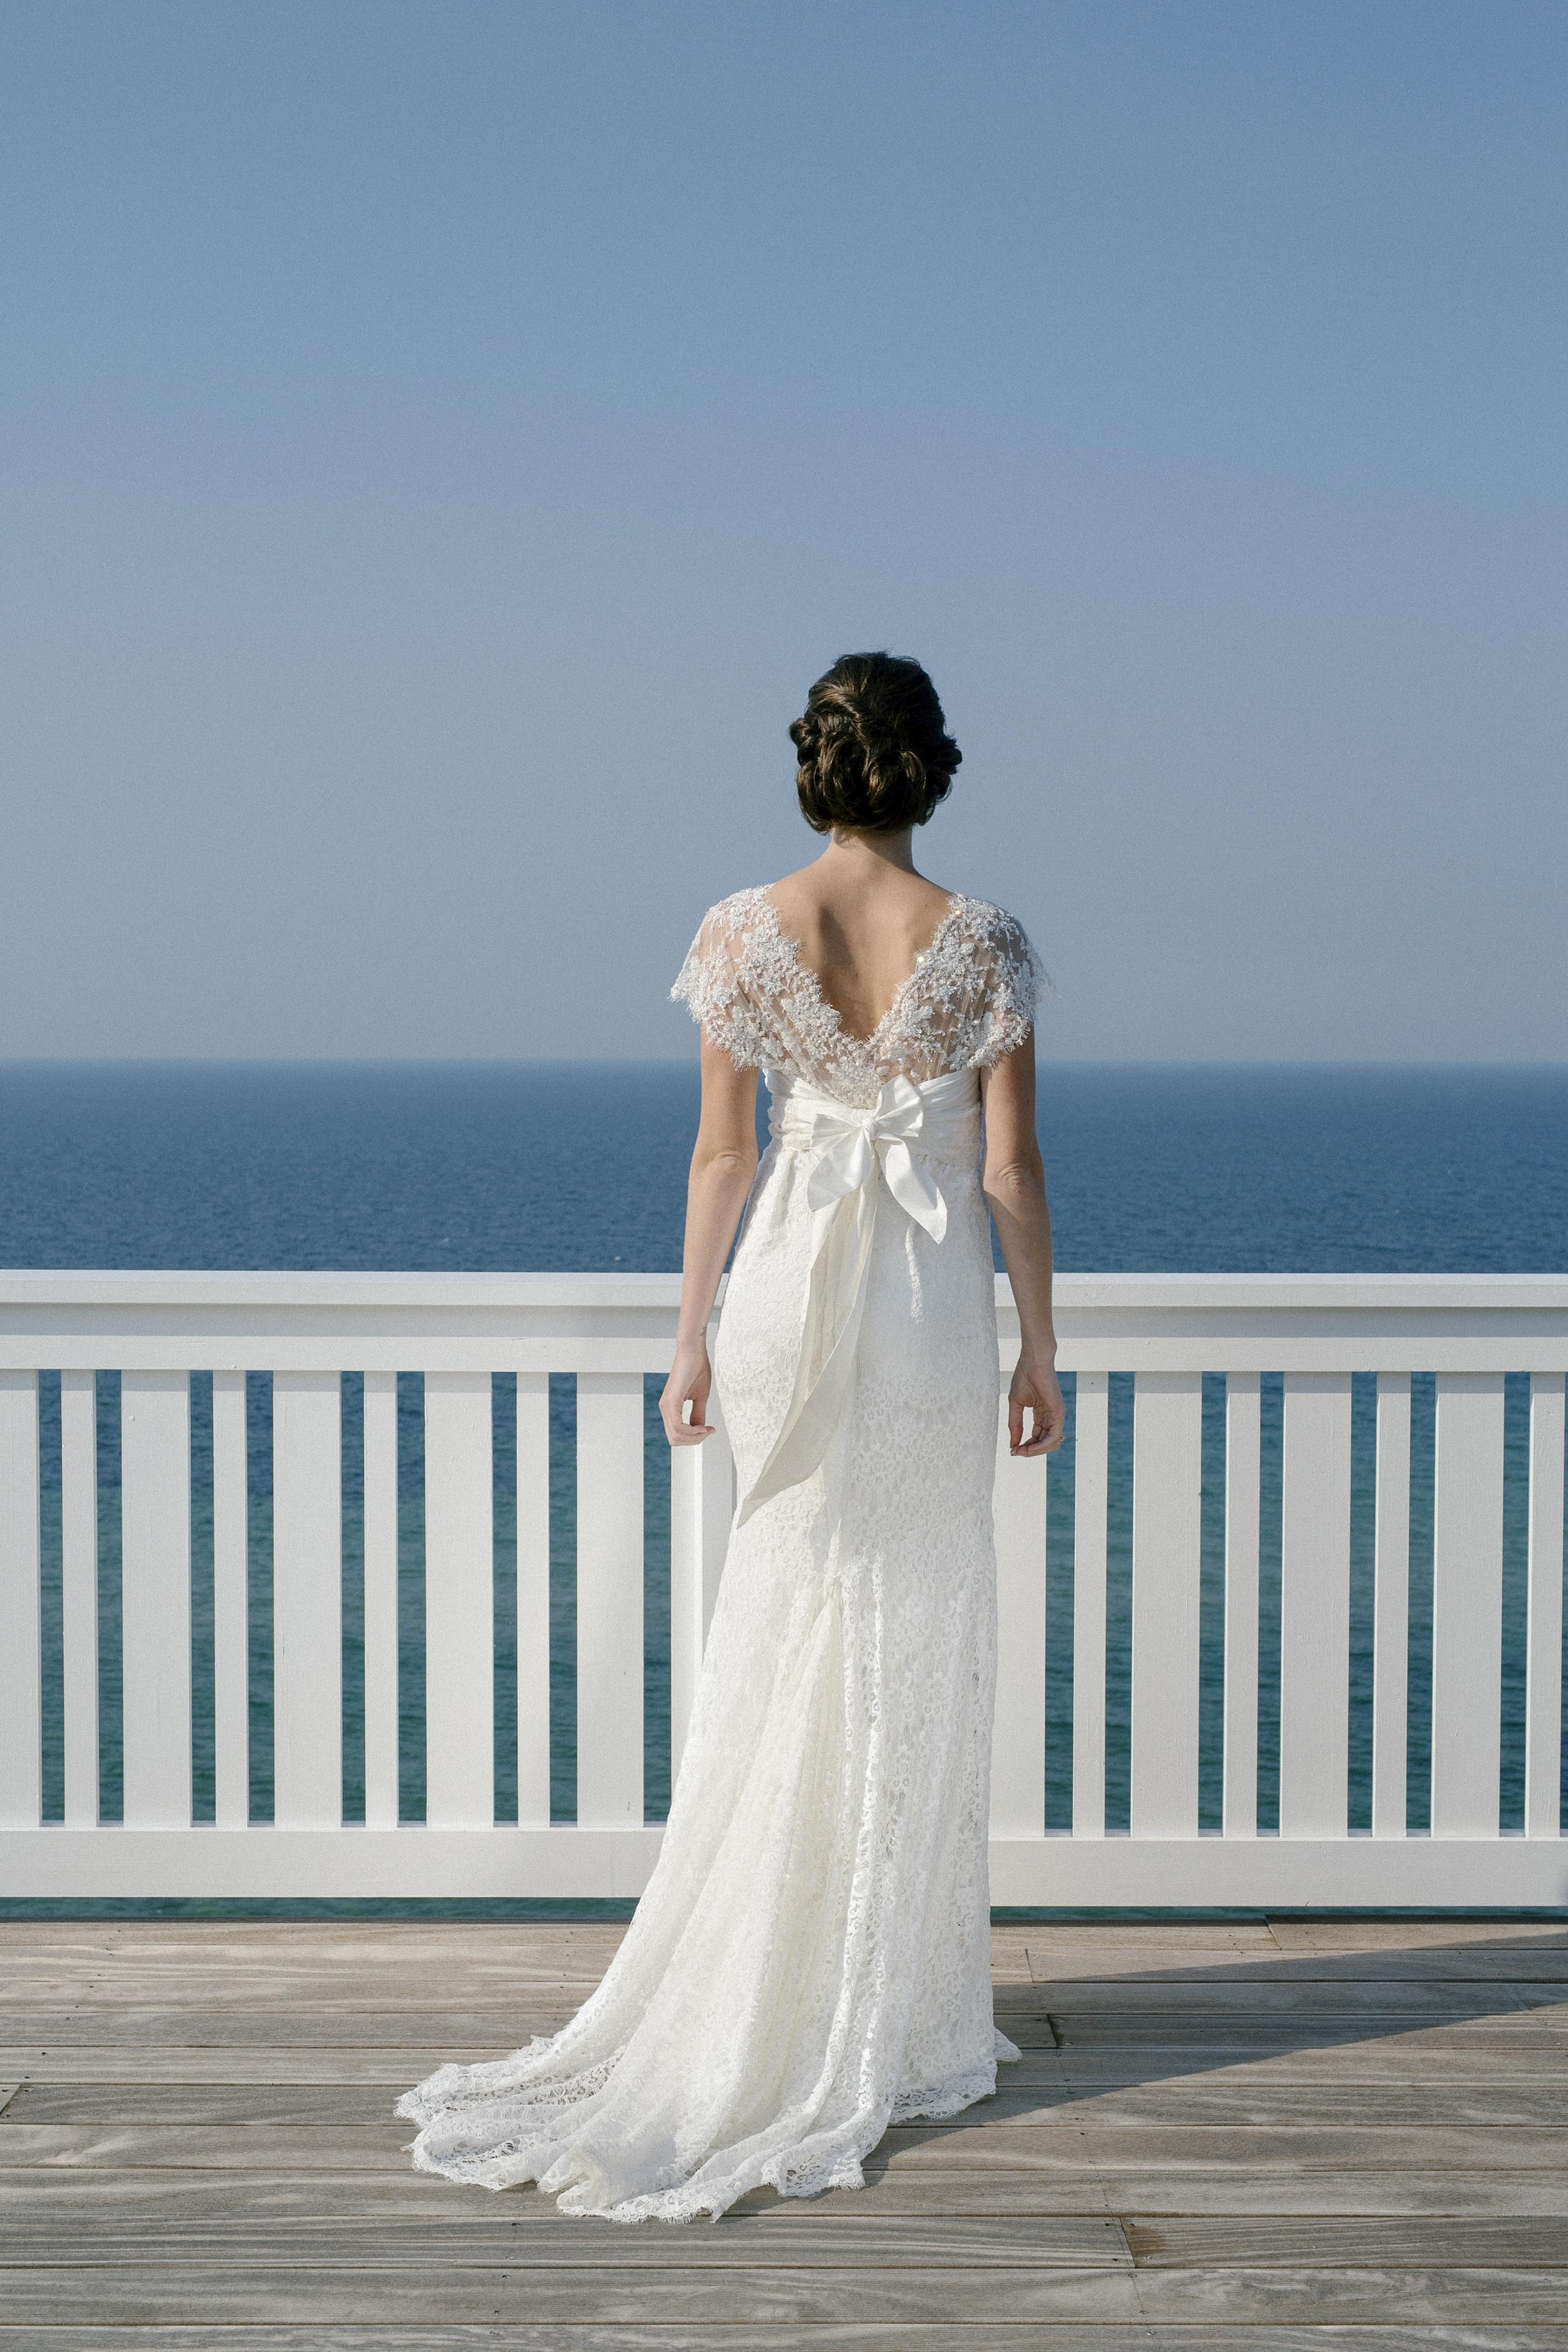 badehotel bryllup foto Tine Hvolby 625-2